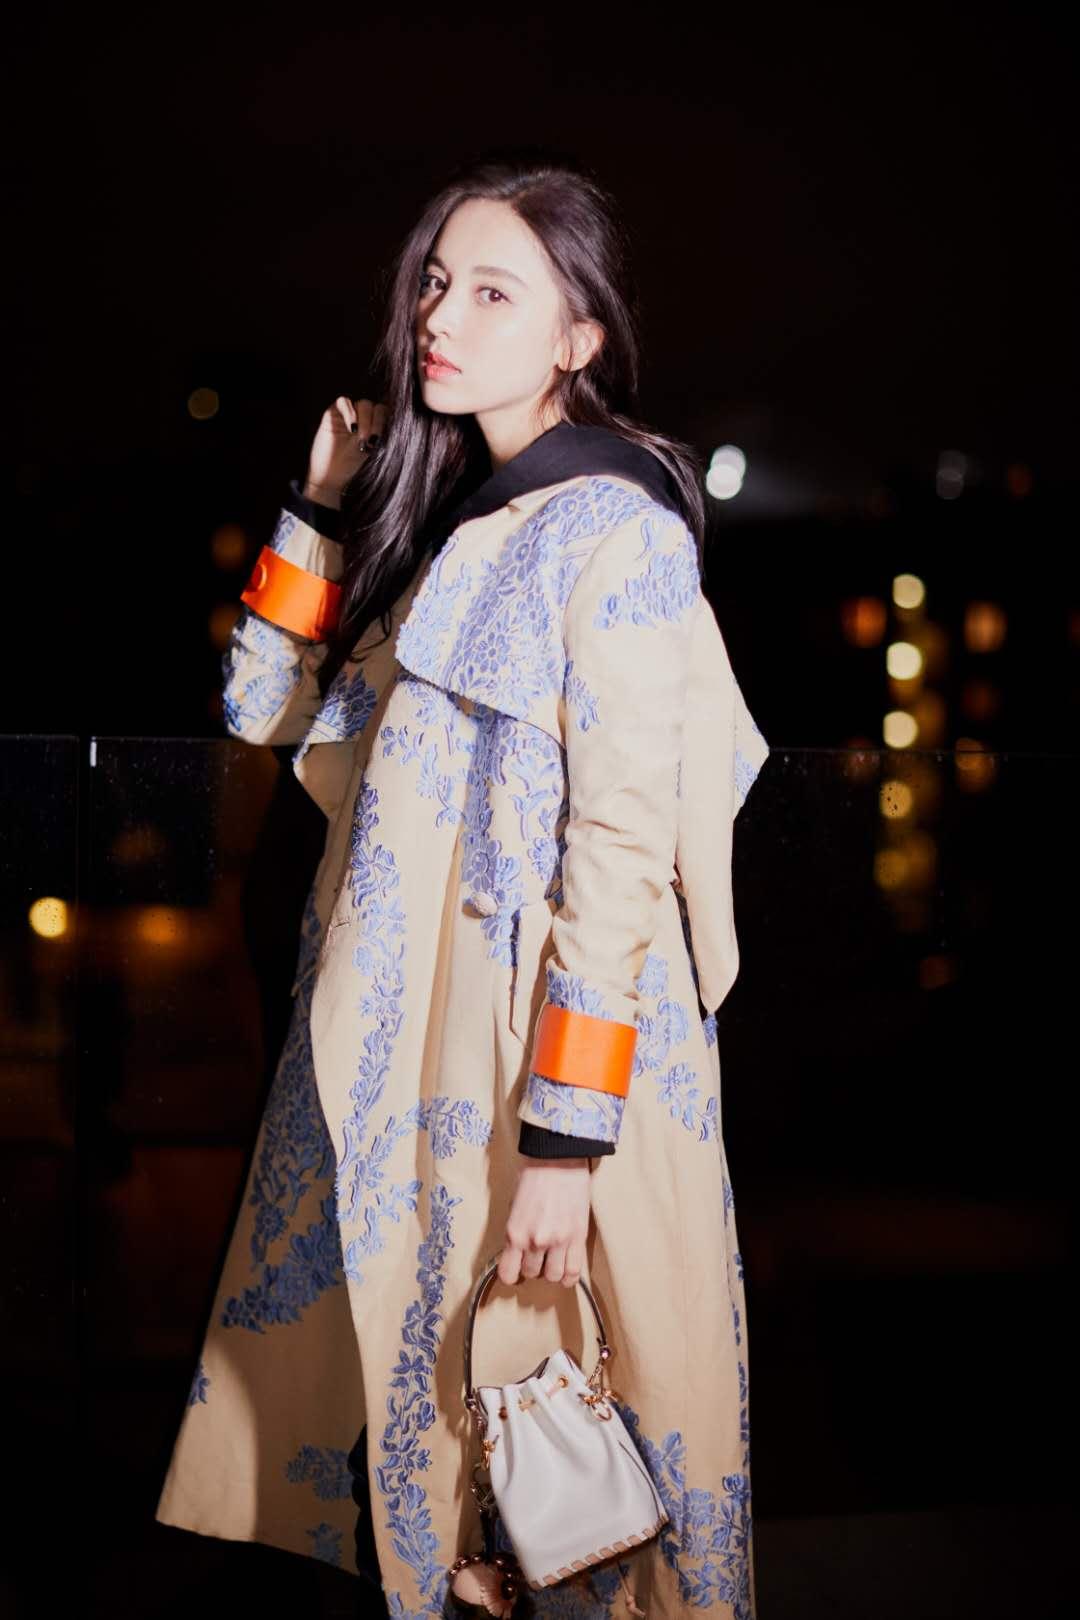 娜扎米兰时装行 诠释优雅女神范儿